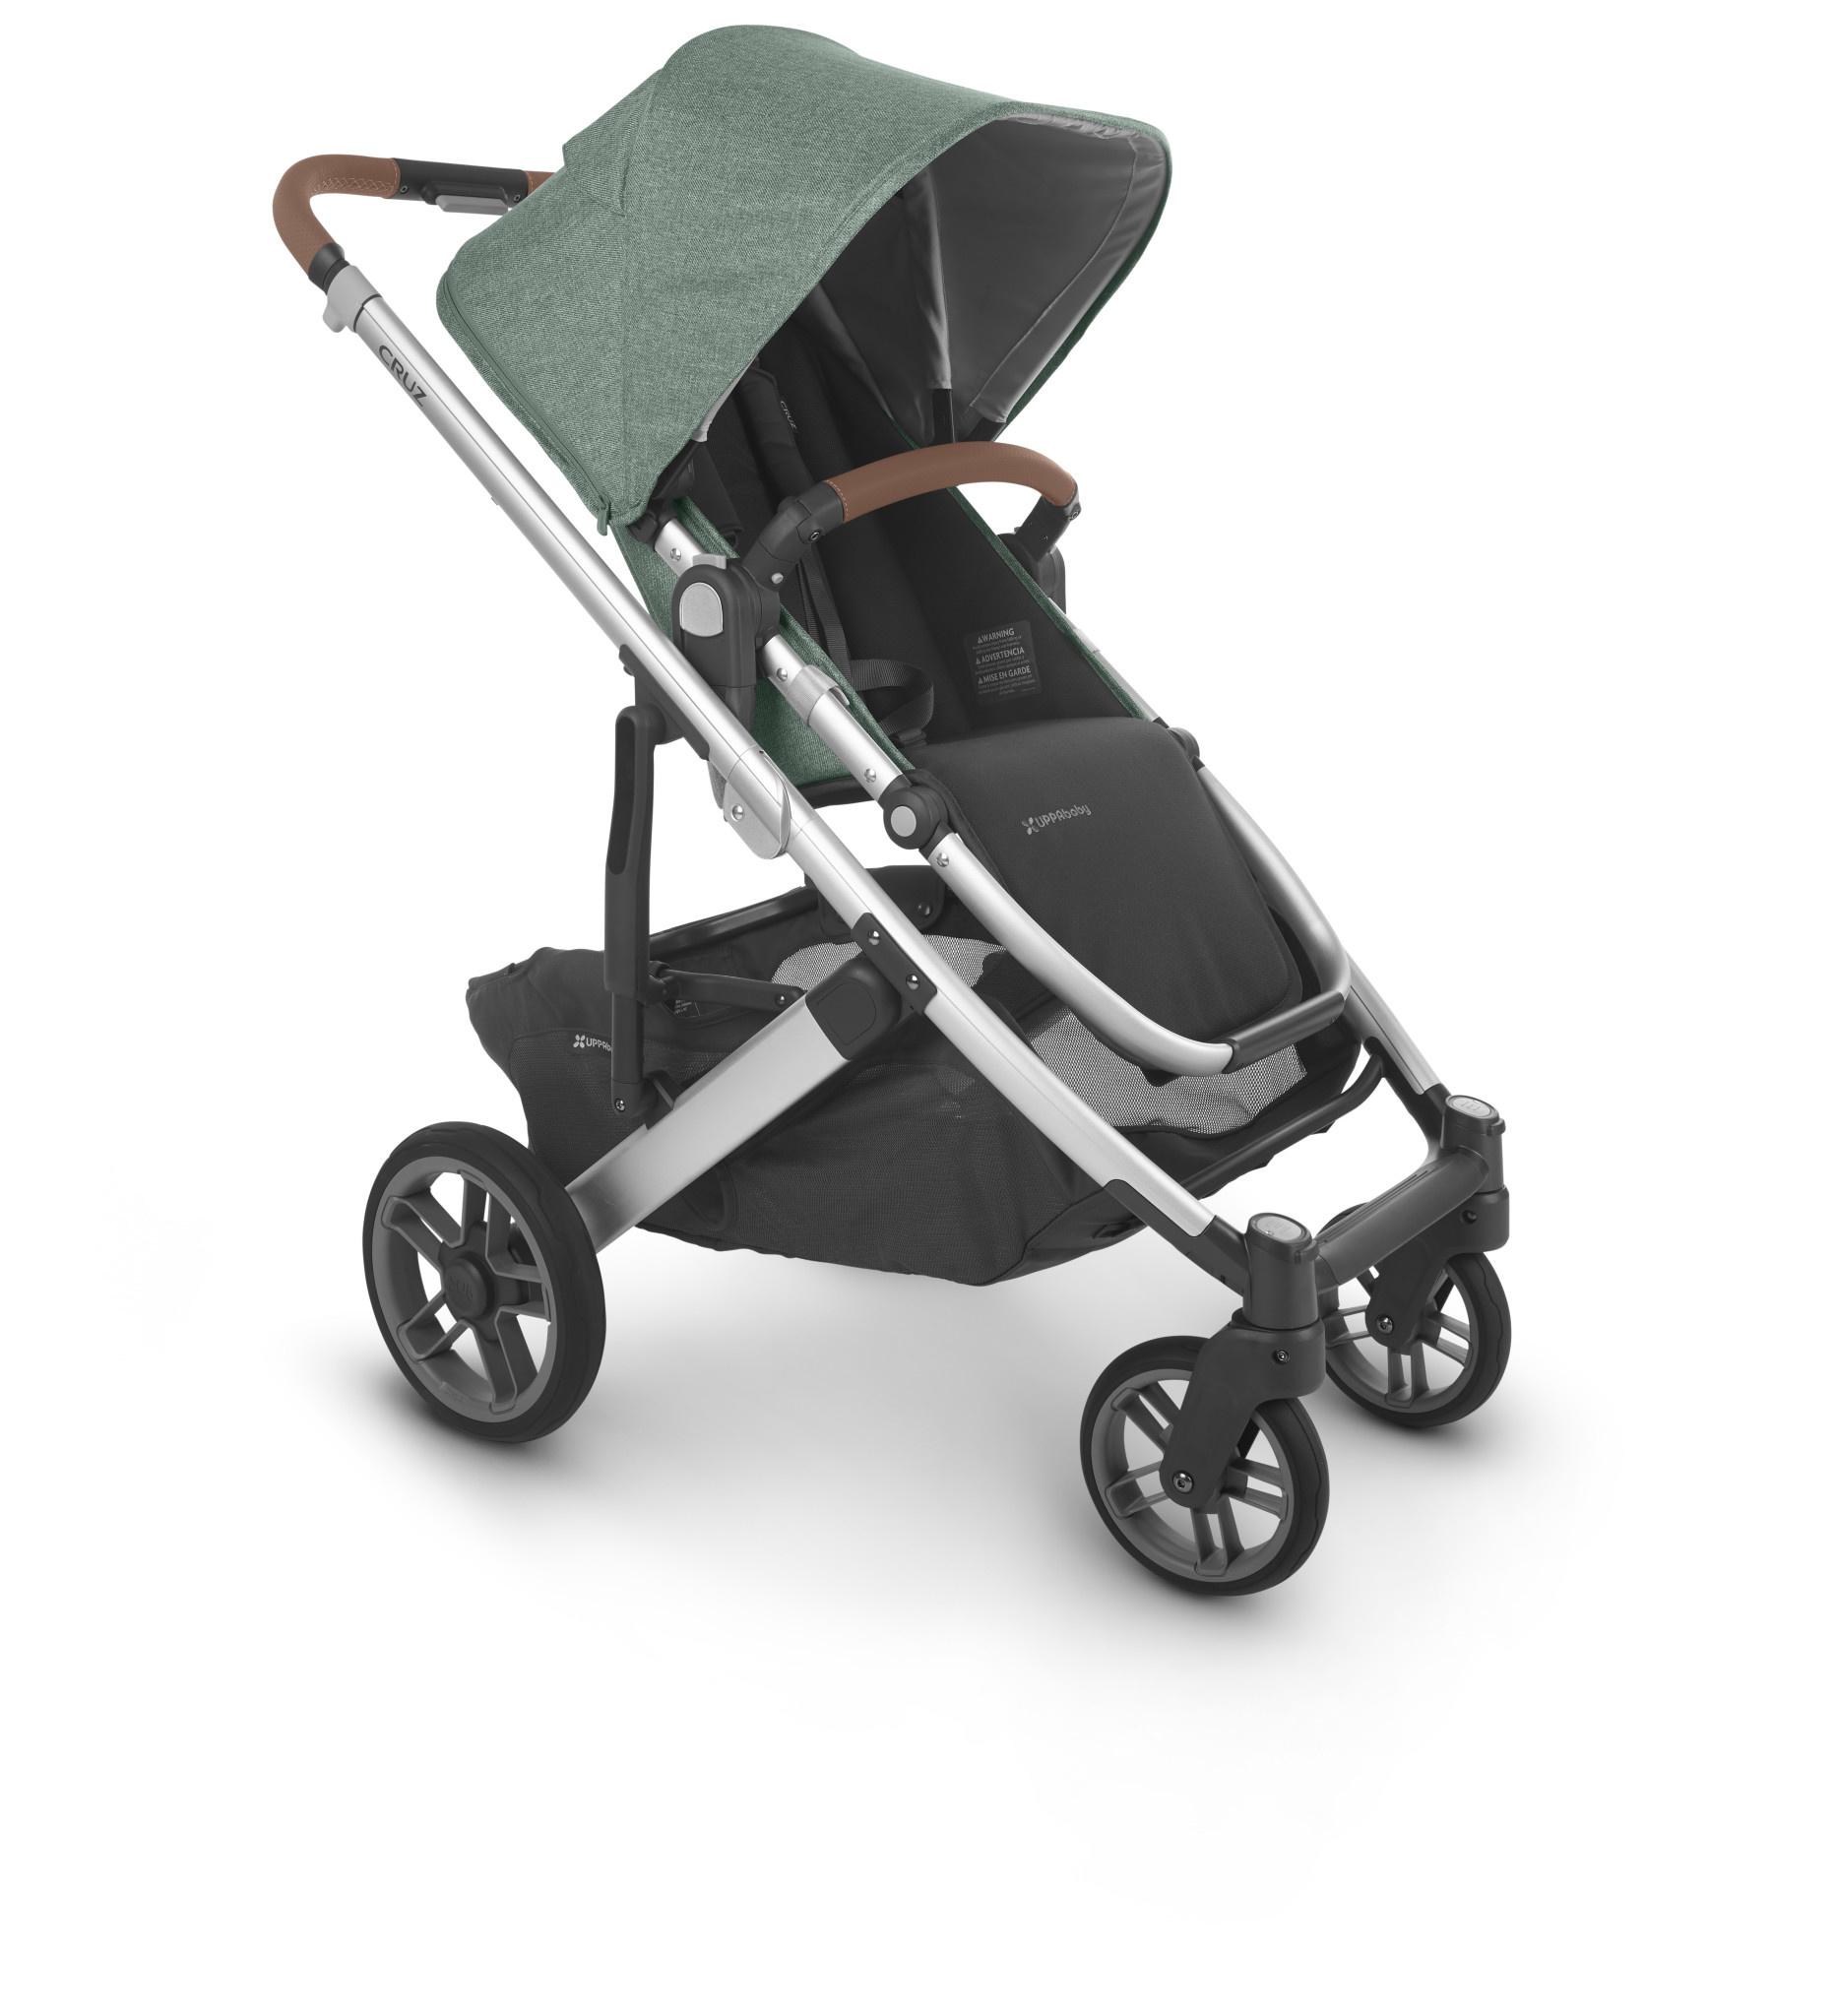 UPPAbaby UPPAbaby 2020 Cruz V2 Stroller